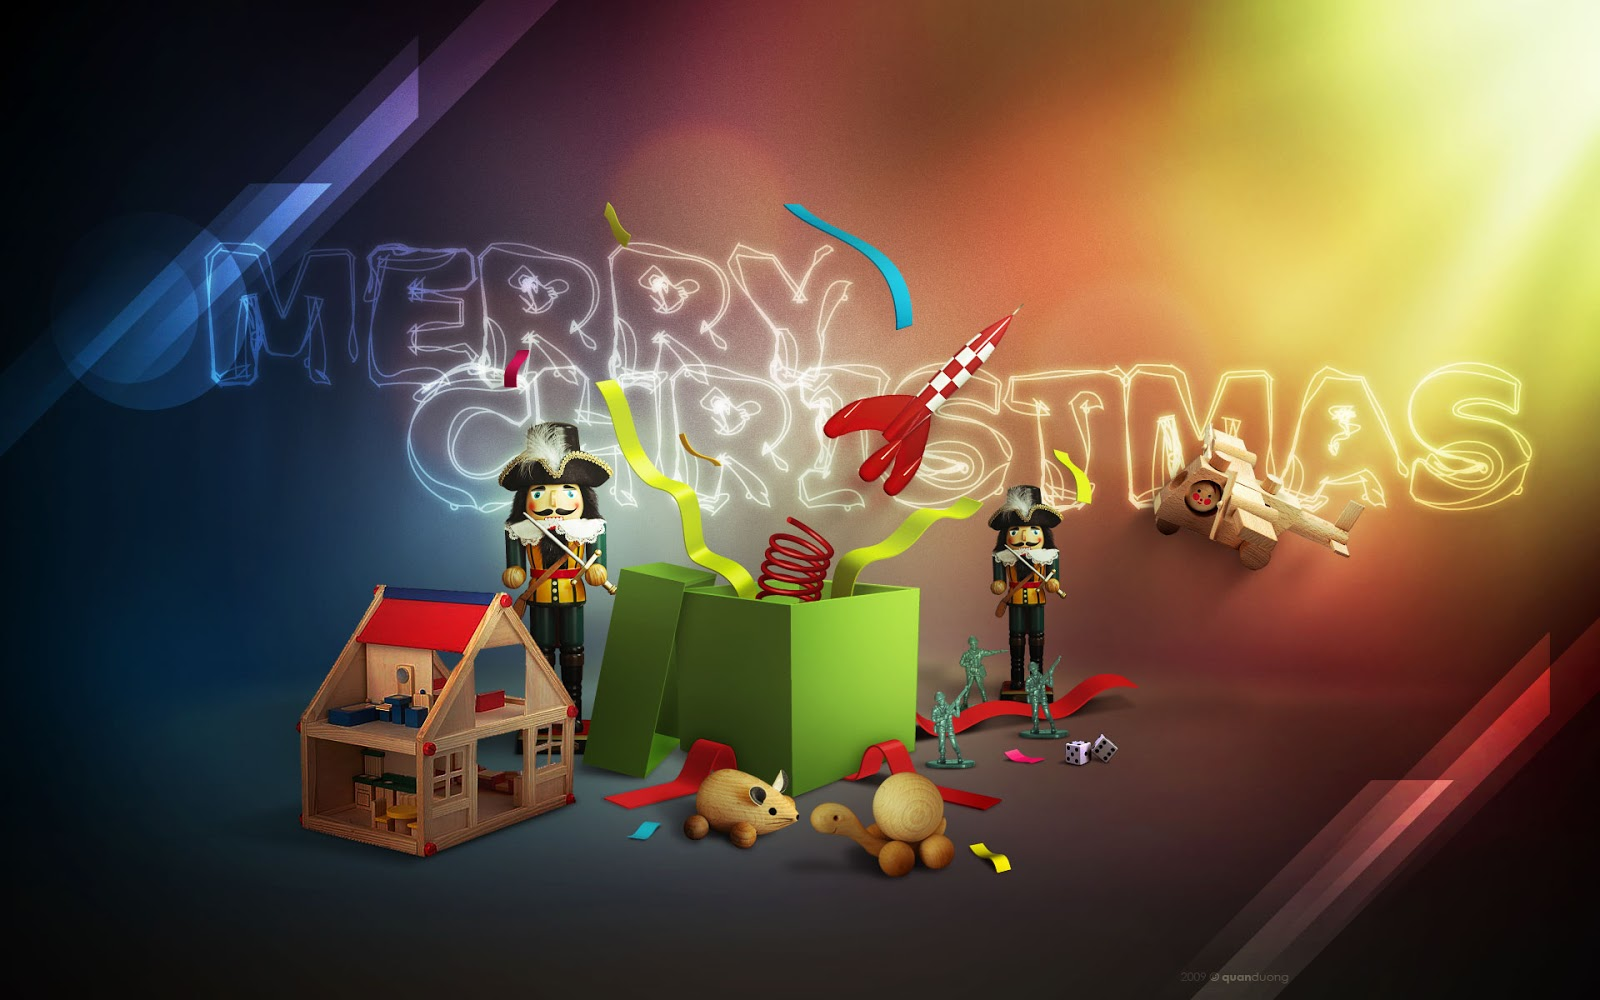 http://3.bp.blogspot.com/-hHjbCbFiLP8/UMLWolD1t9I/AAAAAAAAGYc/anIj-7P53cw/s1600/wide+screen+merry+christmas+desktop+wallpaper.jpg